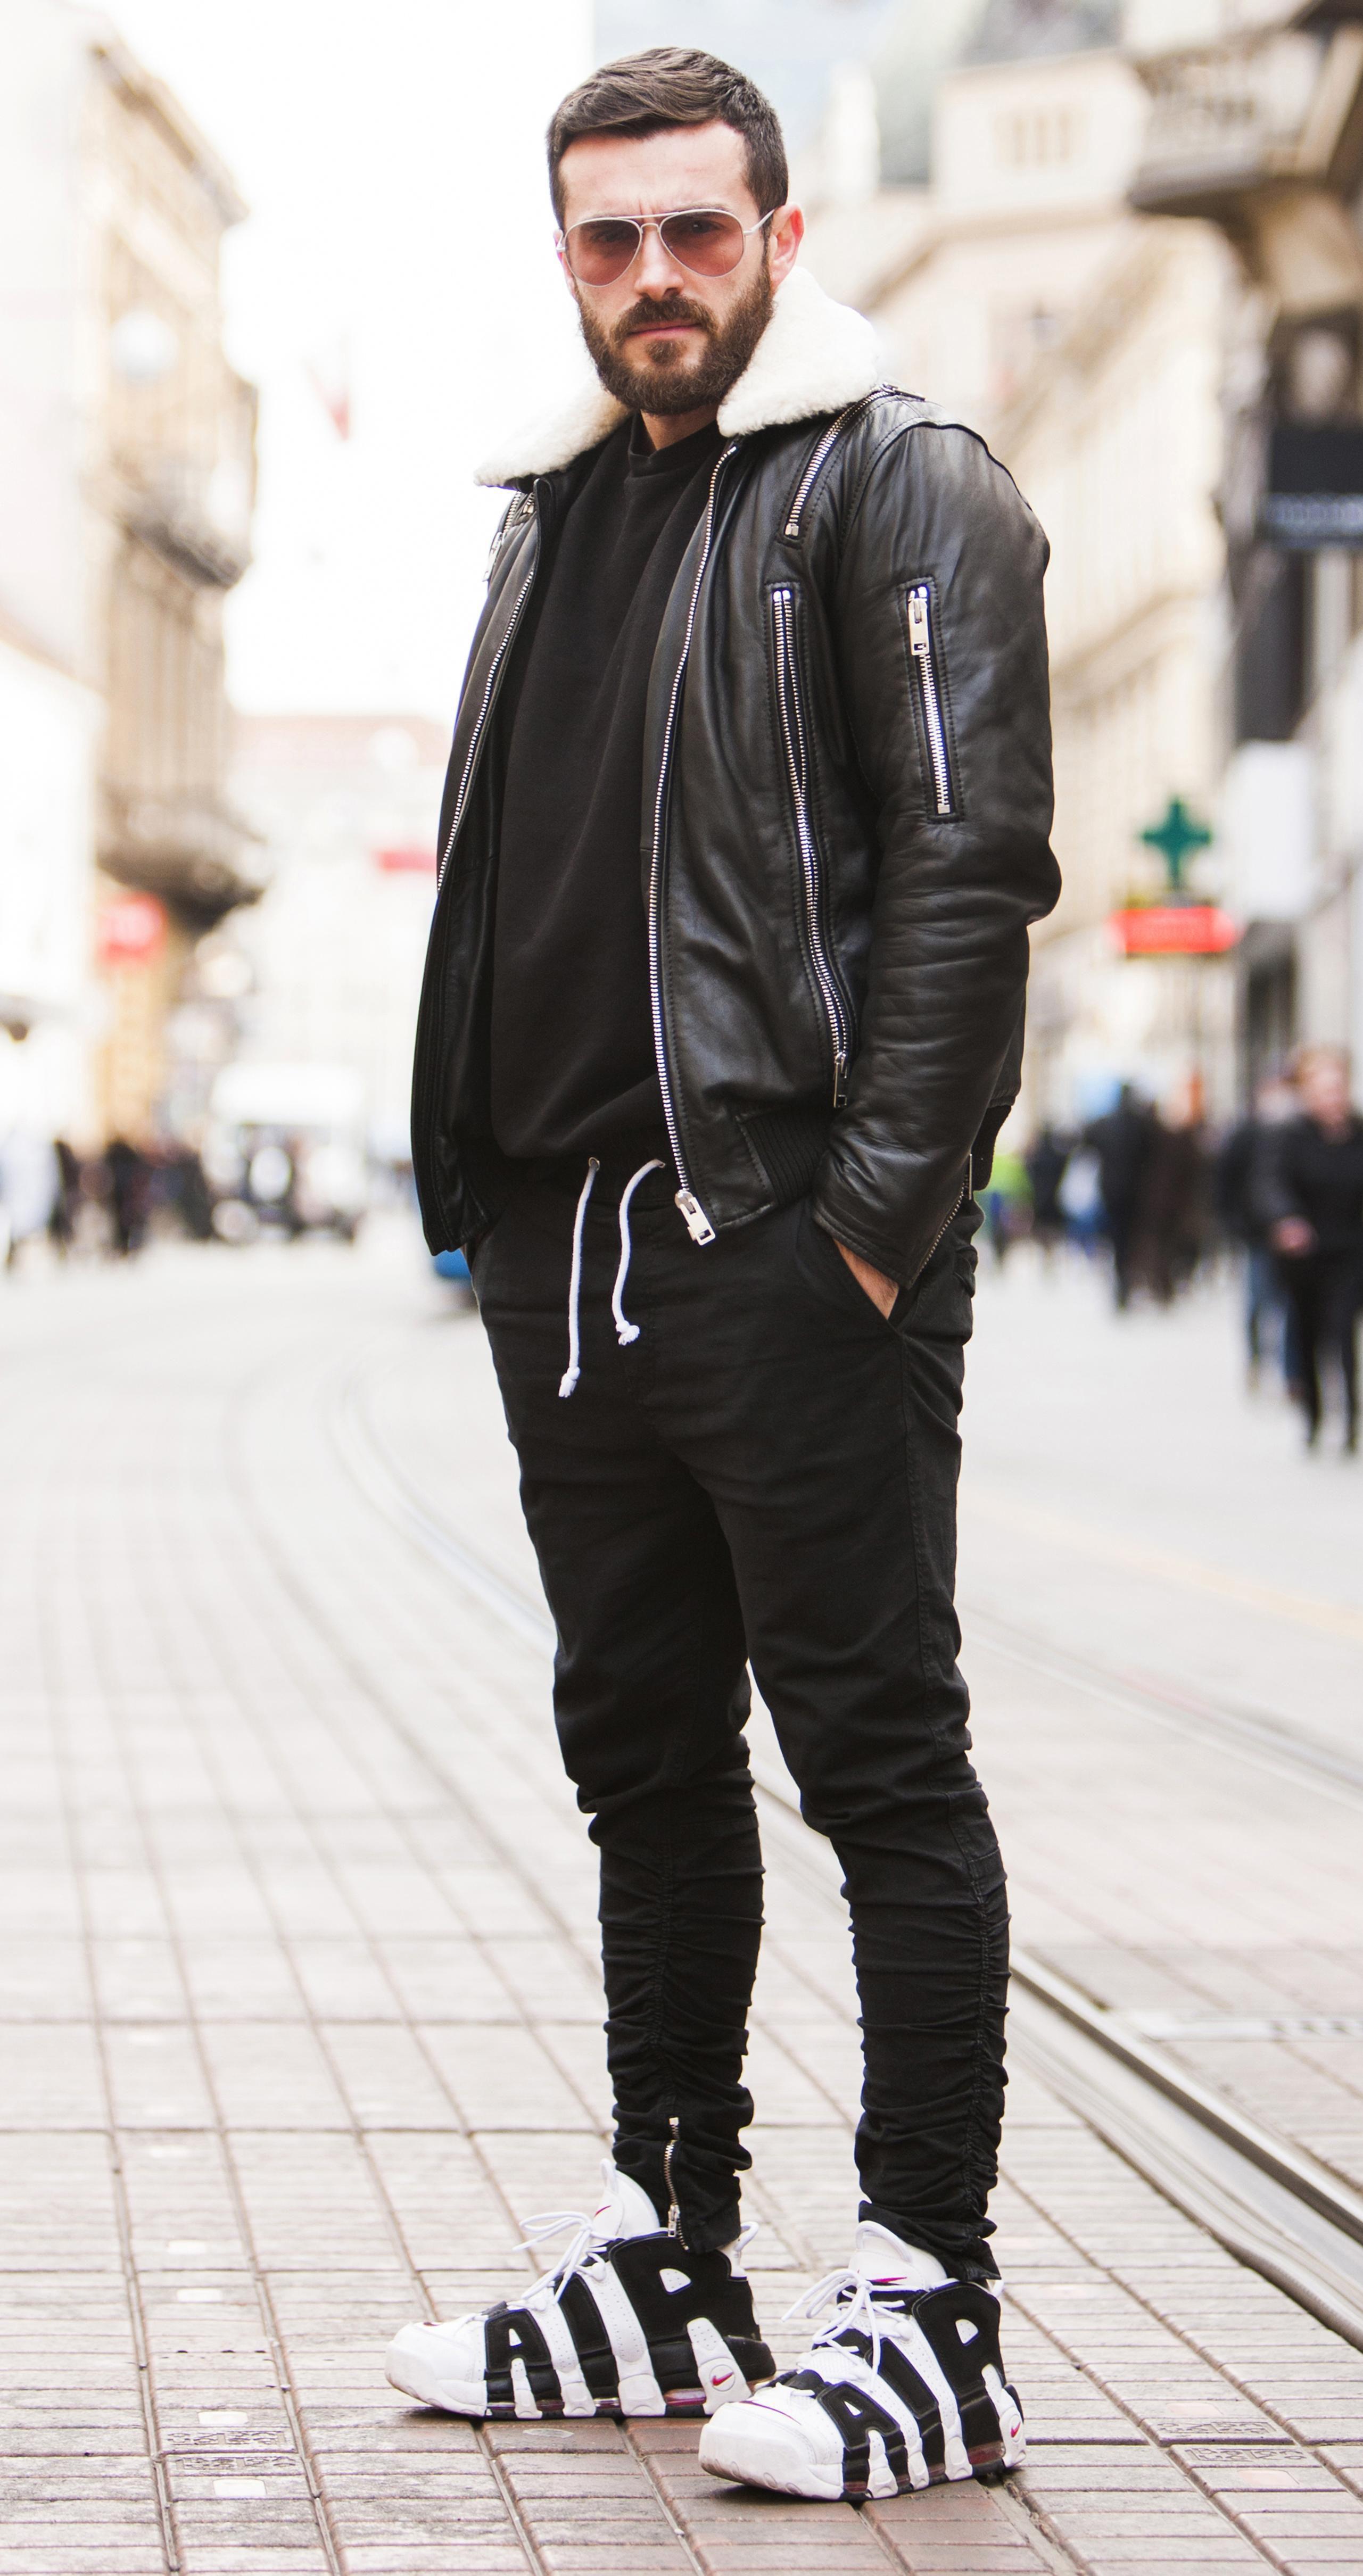 """Severinin stilist: """"Toliko mi je glava puna mode da o vlastitom odijevanju ne mislim puno"""""""